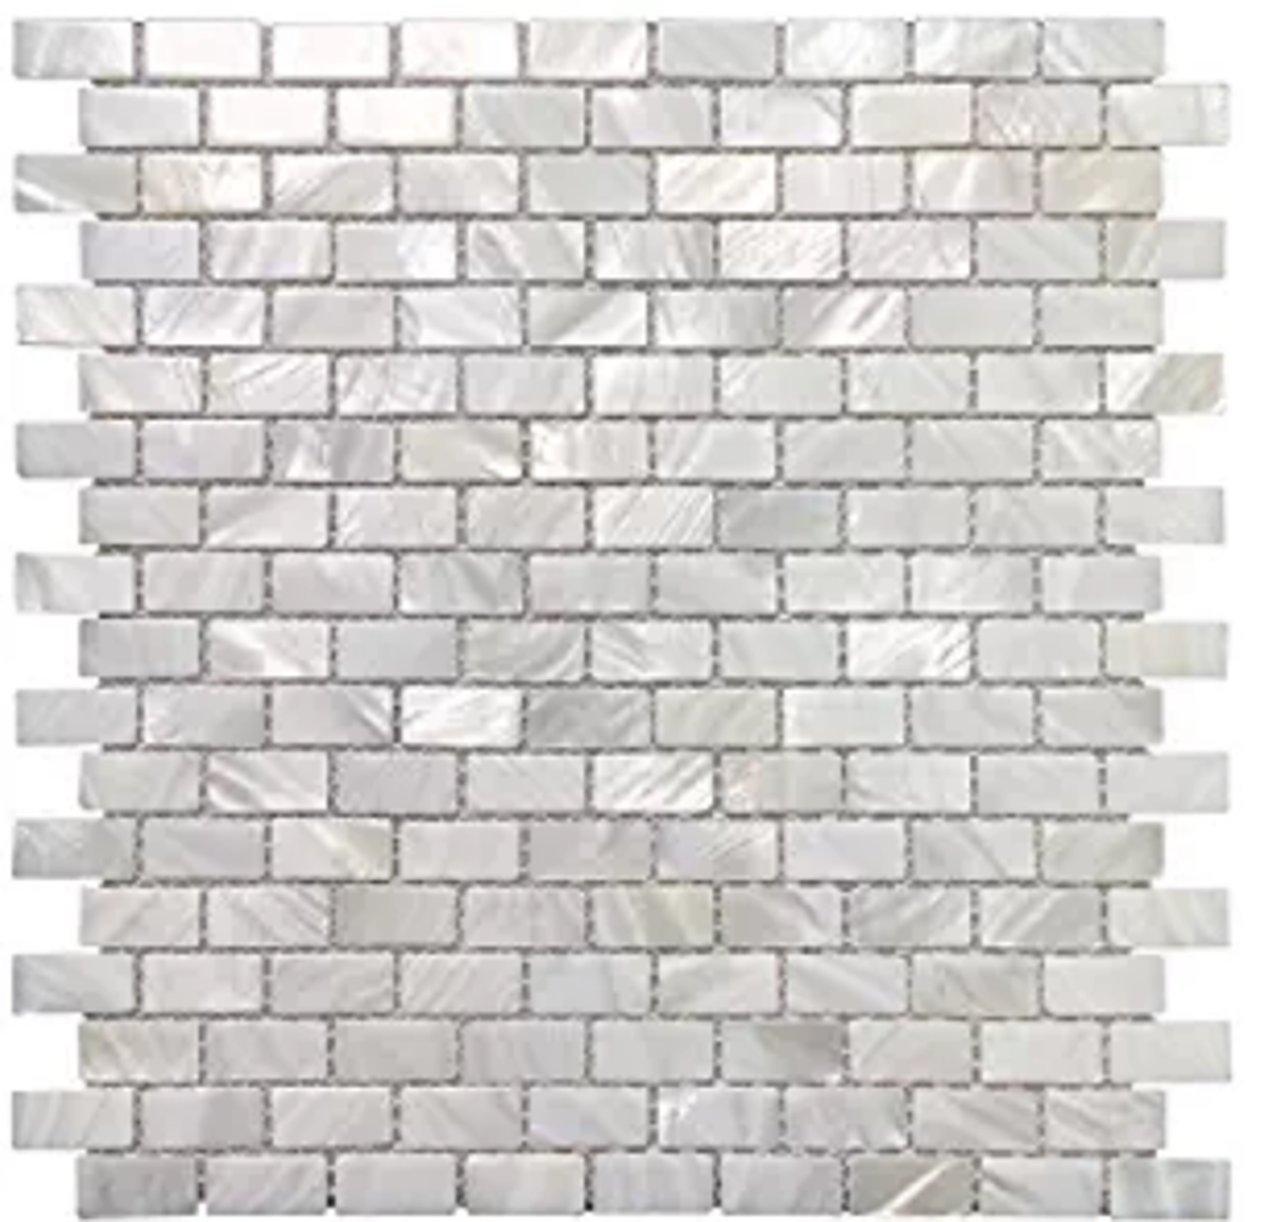 AFSJ Genuine Mother of Pearl Subway Mosaic Tile For Bathroom/Kitchen/Spa Backsplash